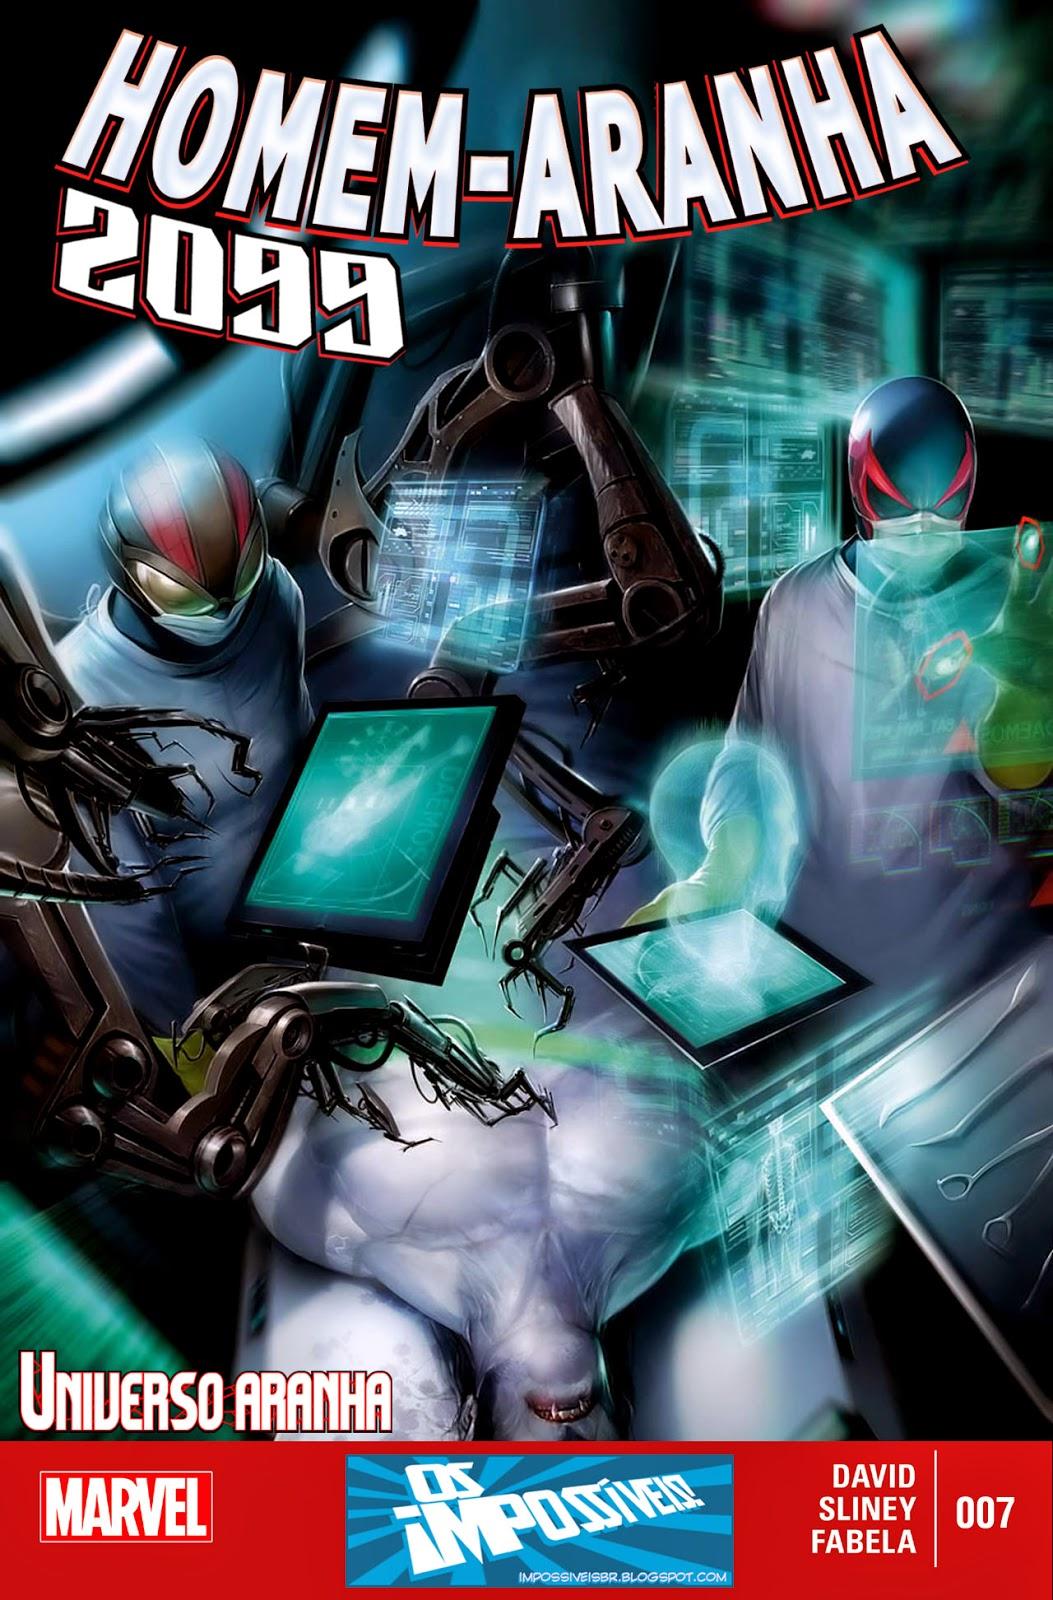 Homem-Aranha 2099 #7